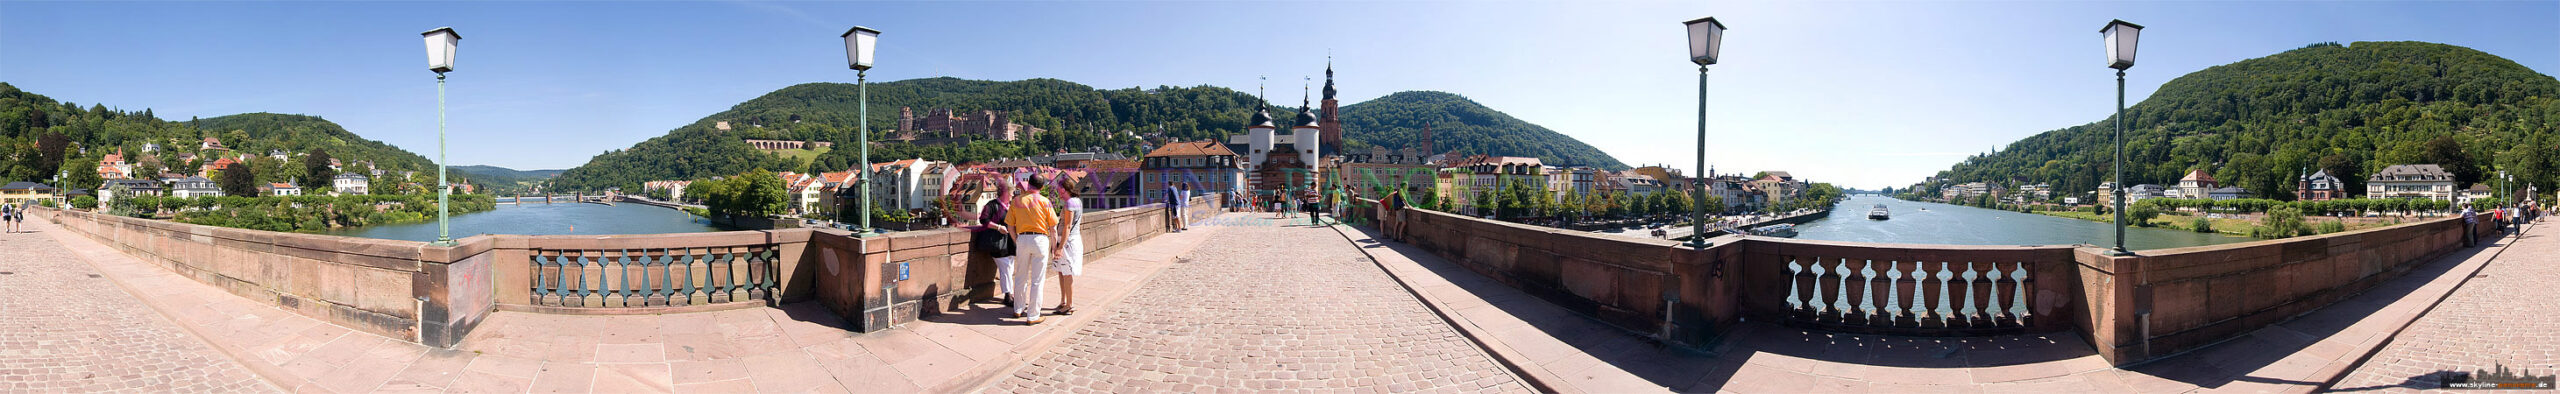 """Bilder aus Heidelberg - 360° Panorama von der Karl-Theodor-Brücke in Heidelberg, sie ist besser bekannt als """"Alte Brücke"""", am Ende ist das bekannte und historische Brückentor zu sehen."""